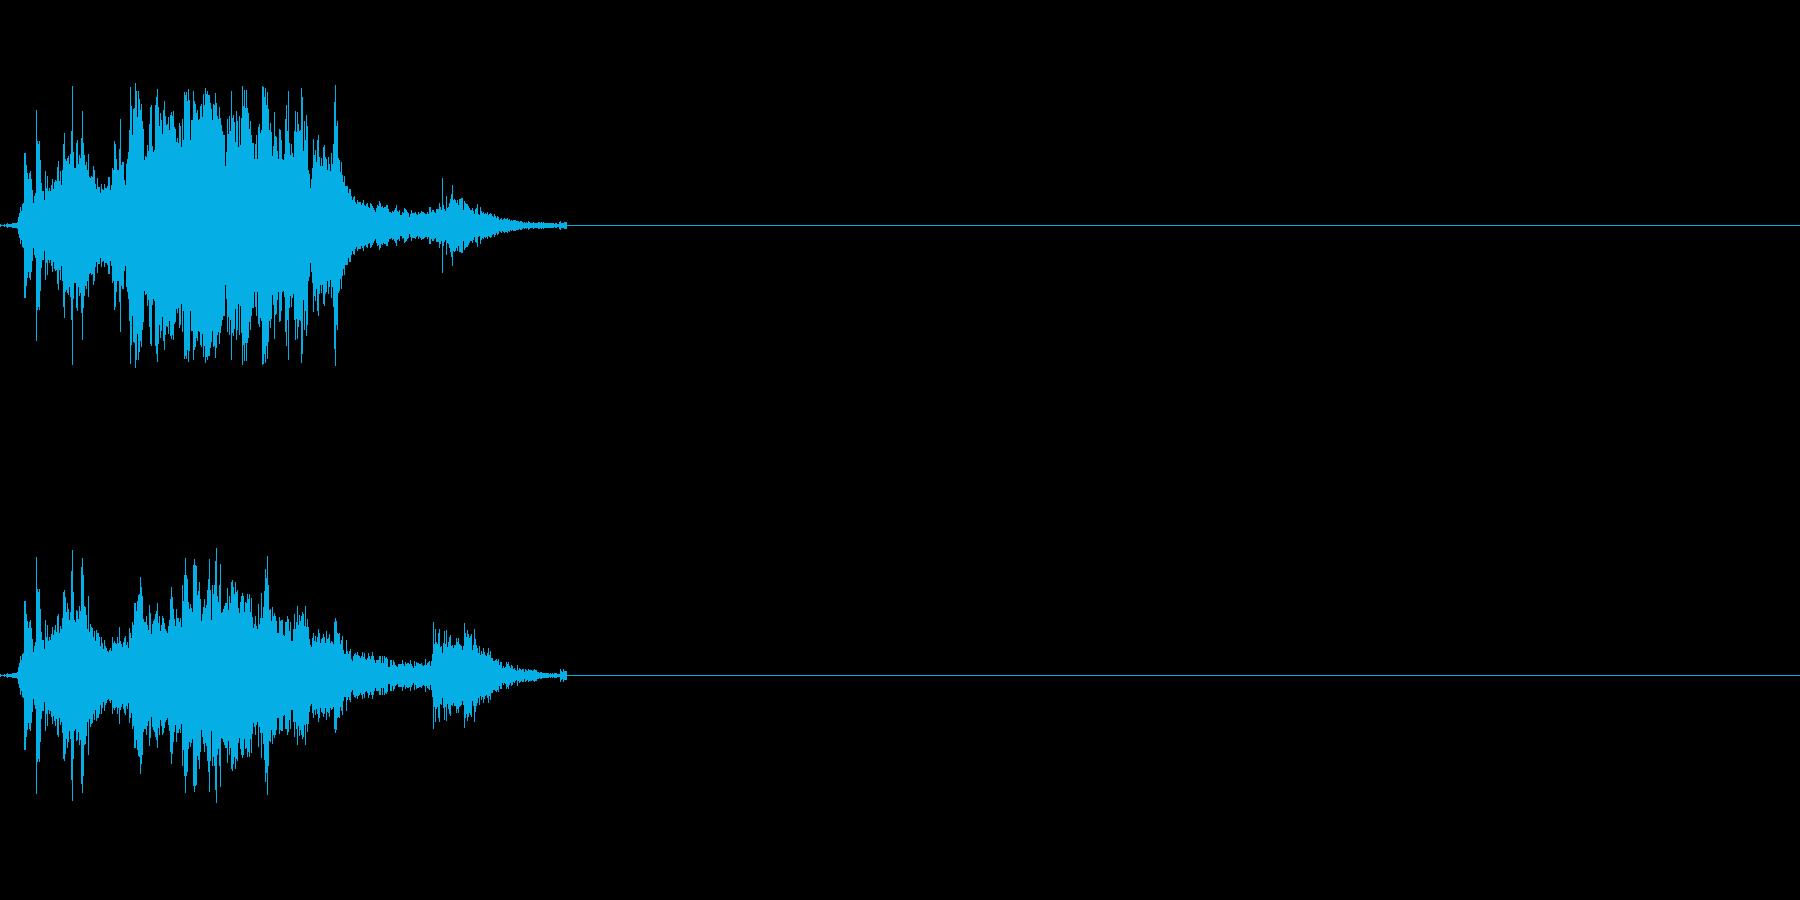 刀が擦れる音の再生済みの波形